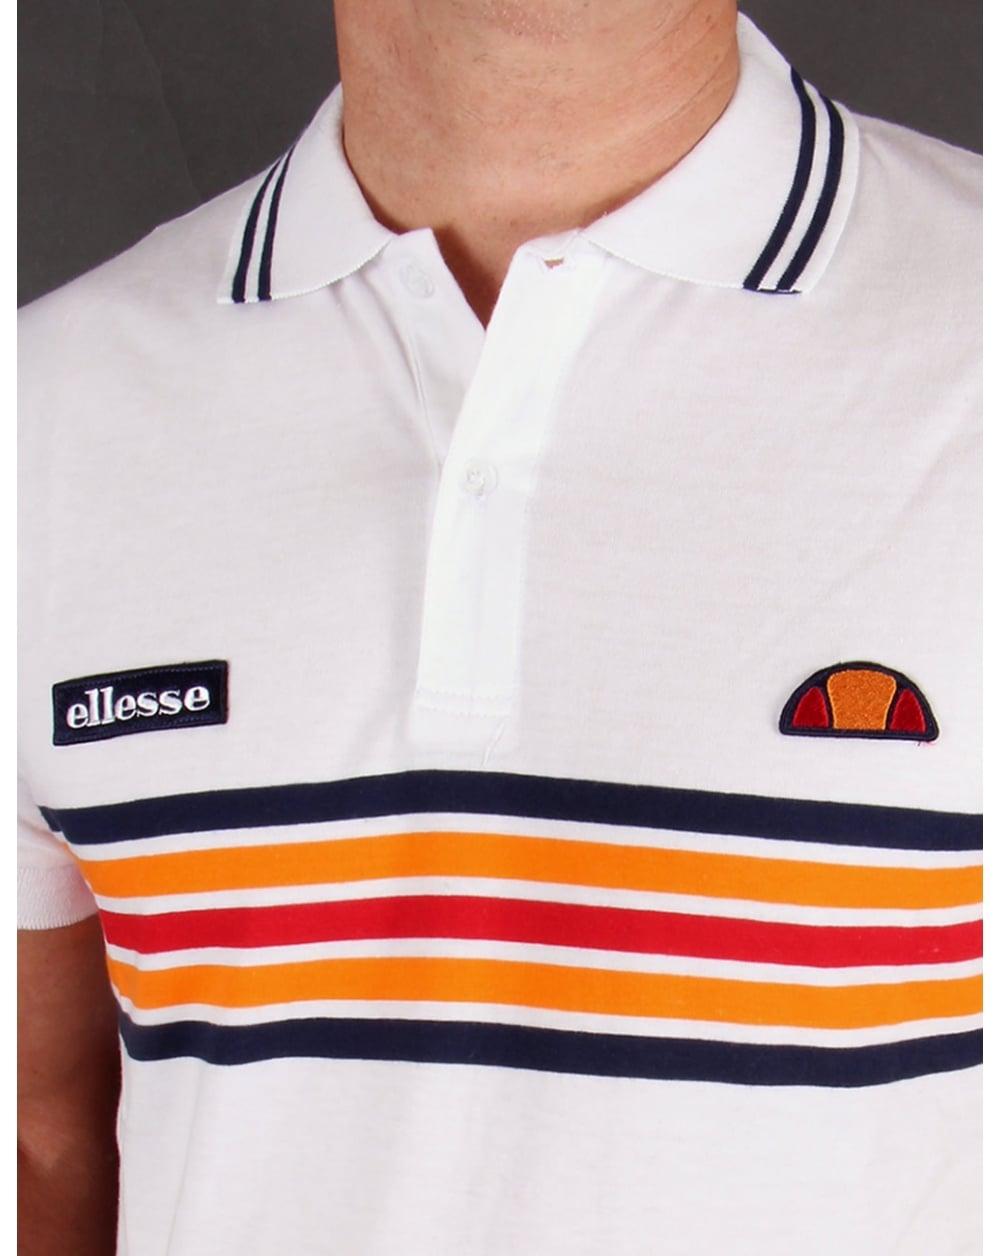 8861e275e24 Ellesse Elite Striped Polo Shirt White - heritage striped polo